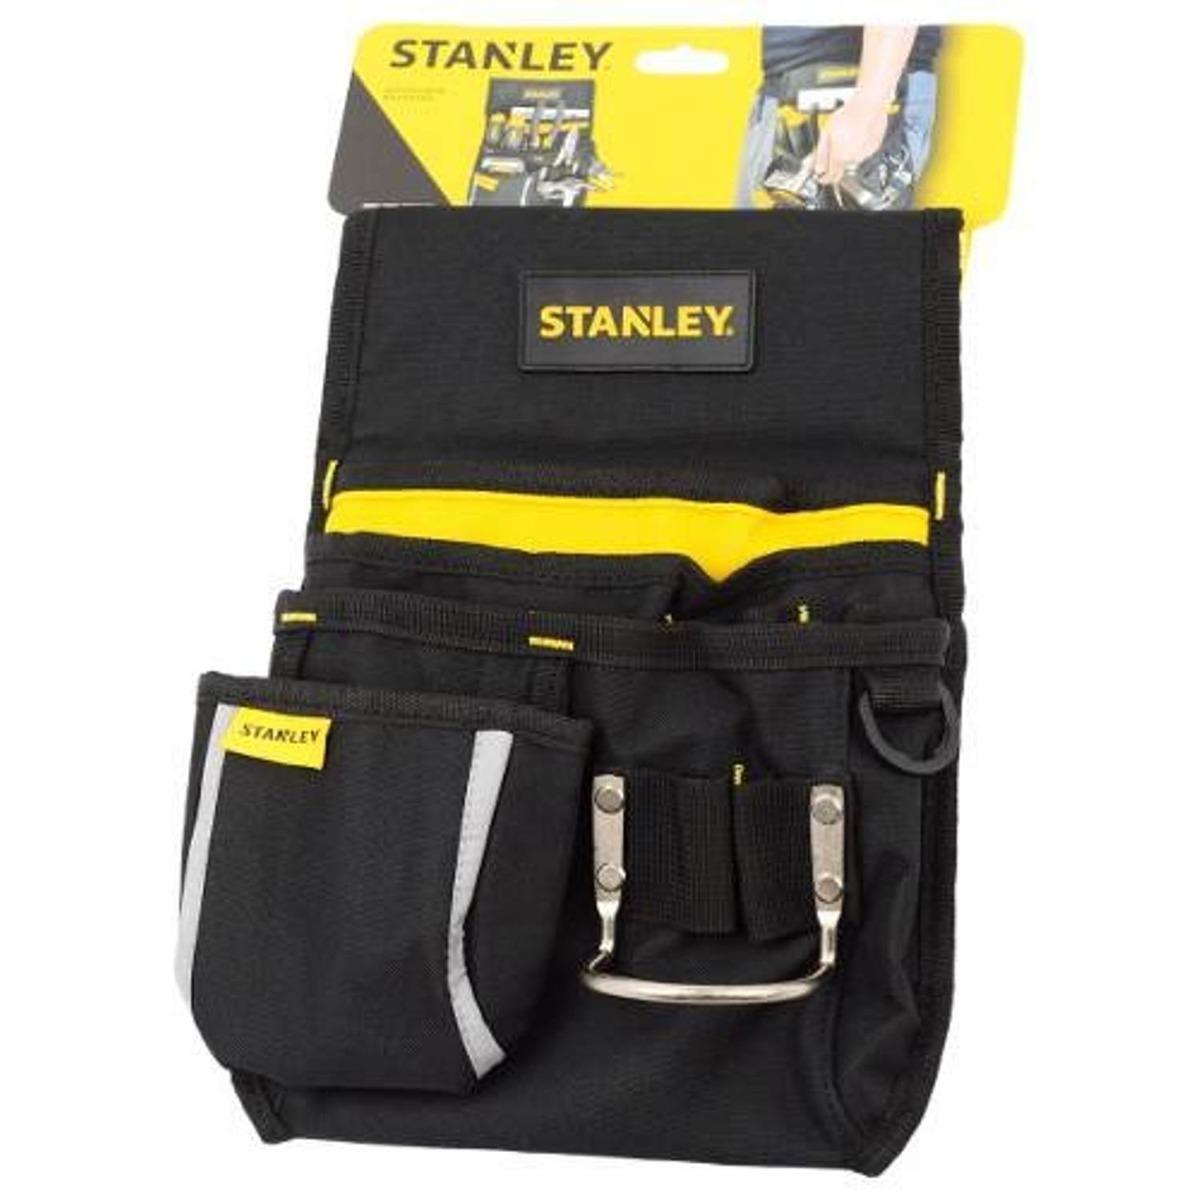 bolso porta herramientas stanley stst511324 para cinturon. Cargando zoom. eaced7a43d32